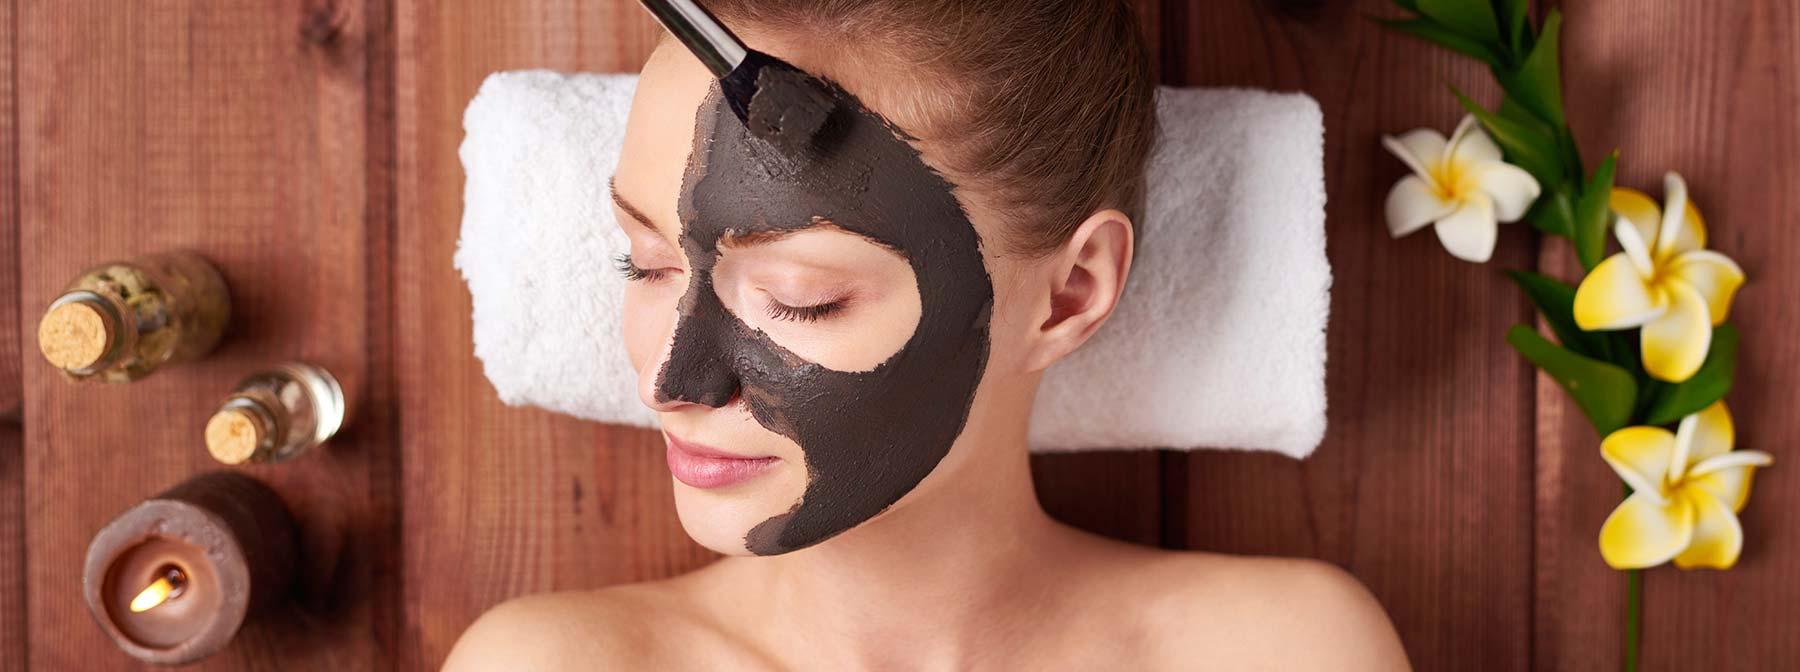 Top 5 Gesichtsmasken für die kalte Jahreszeit